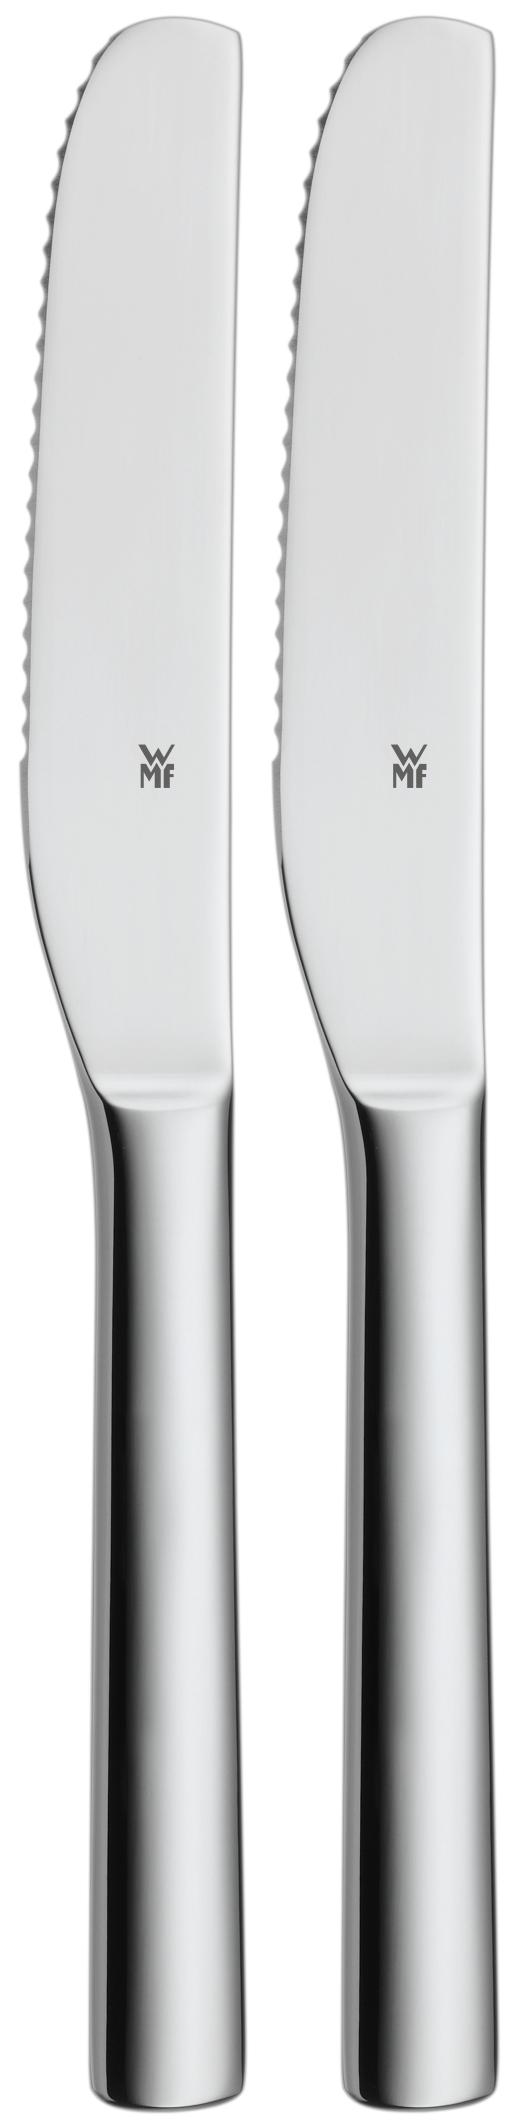 WMF Set nožů na brunch Nuova 2 kusy